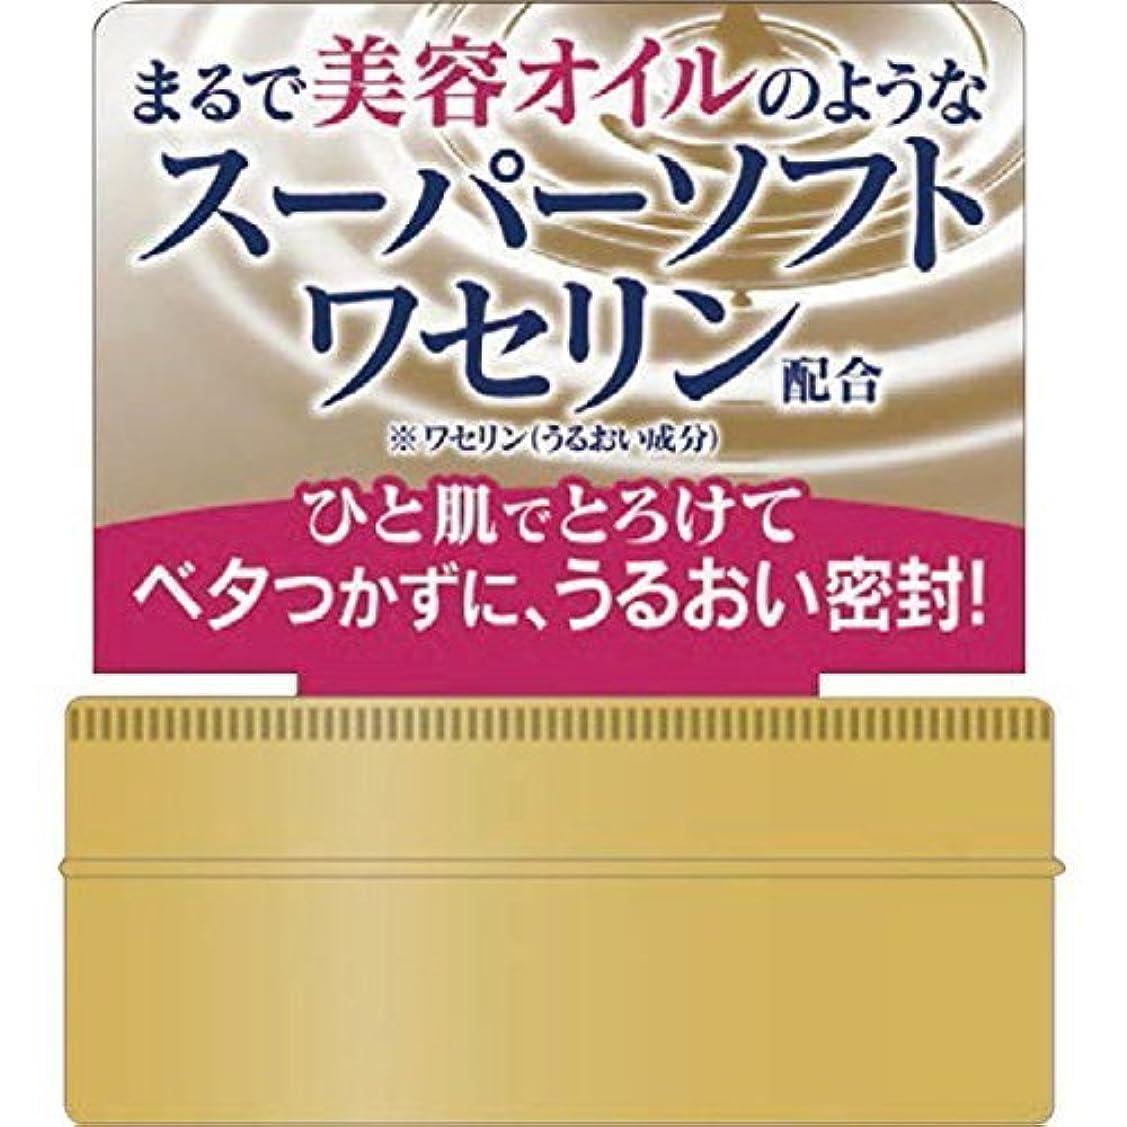 一掃する胚芽飼料肌研(ハダラボ) 極潤プレミアム ヒアルロンオイルジェリー × 24個セット